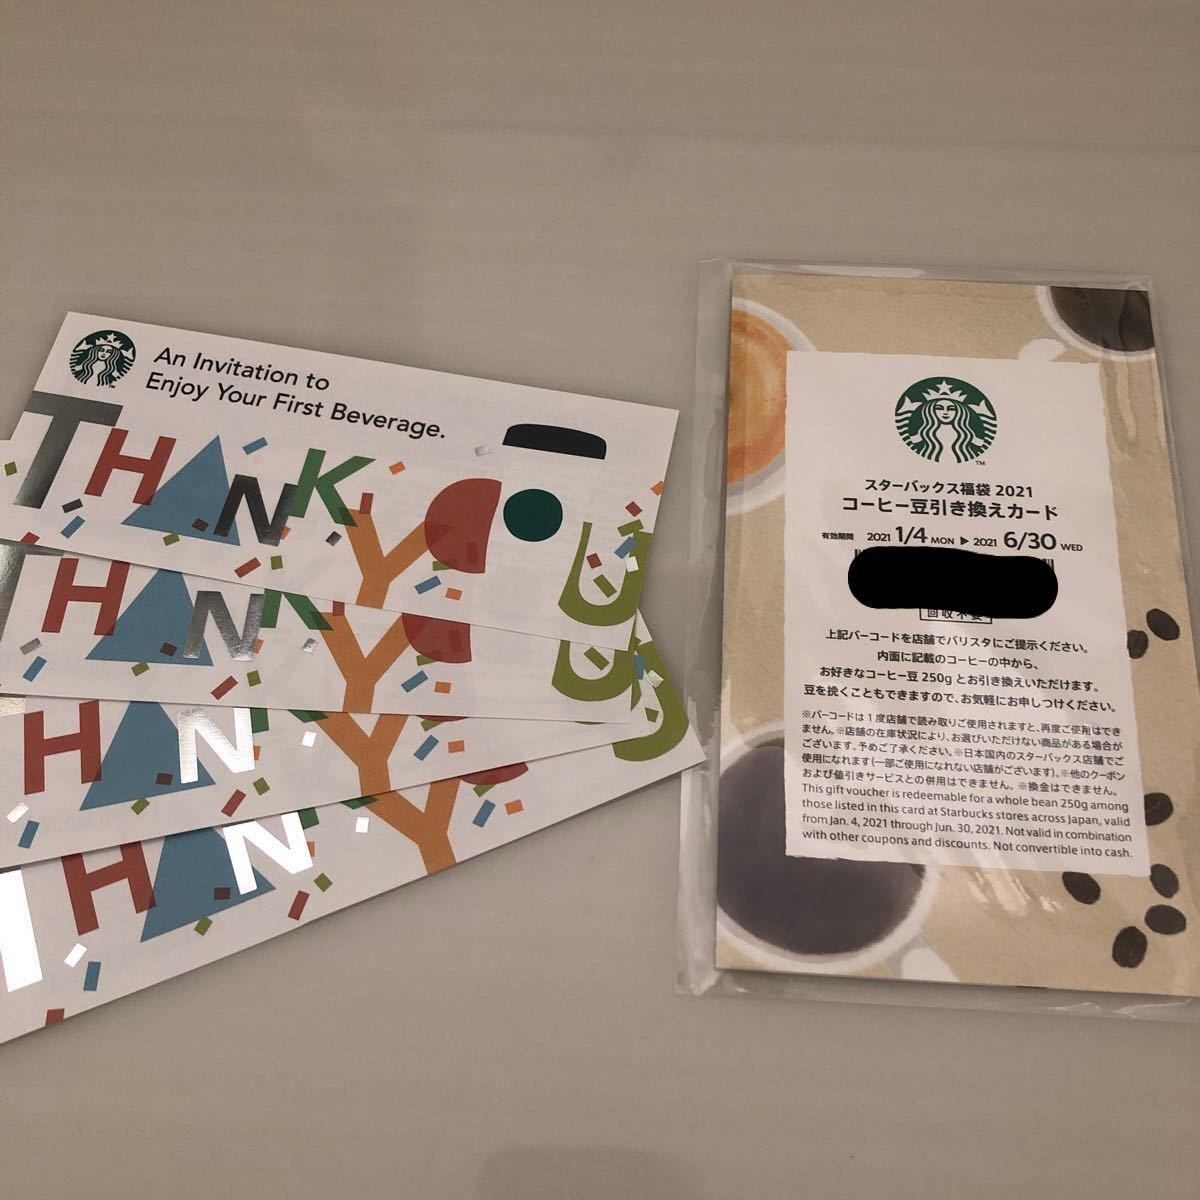 スターバックスドリンクチケット4枚・コーヒー豆引き換えカード1枚